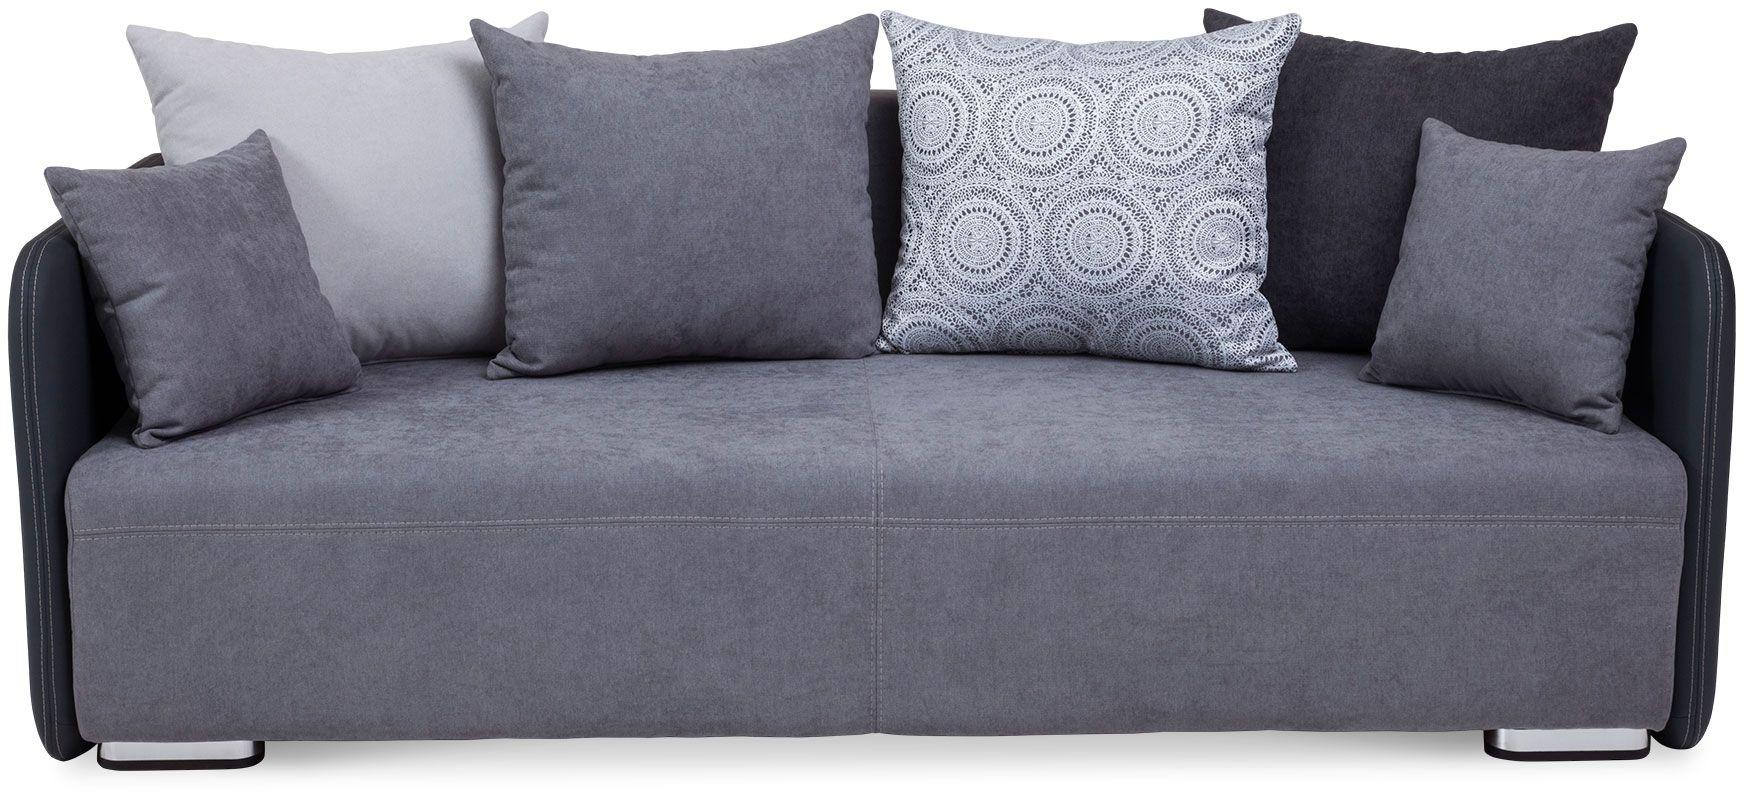 sofa santana 3